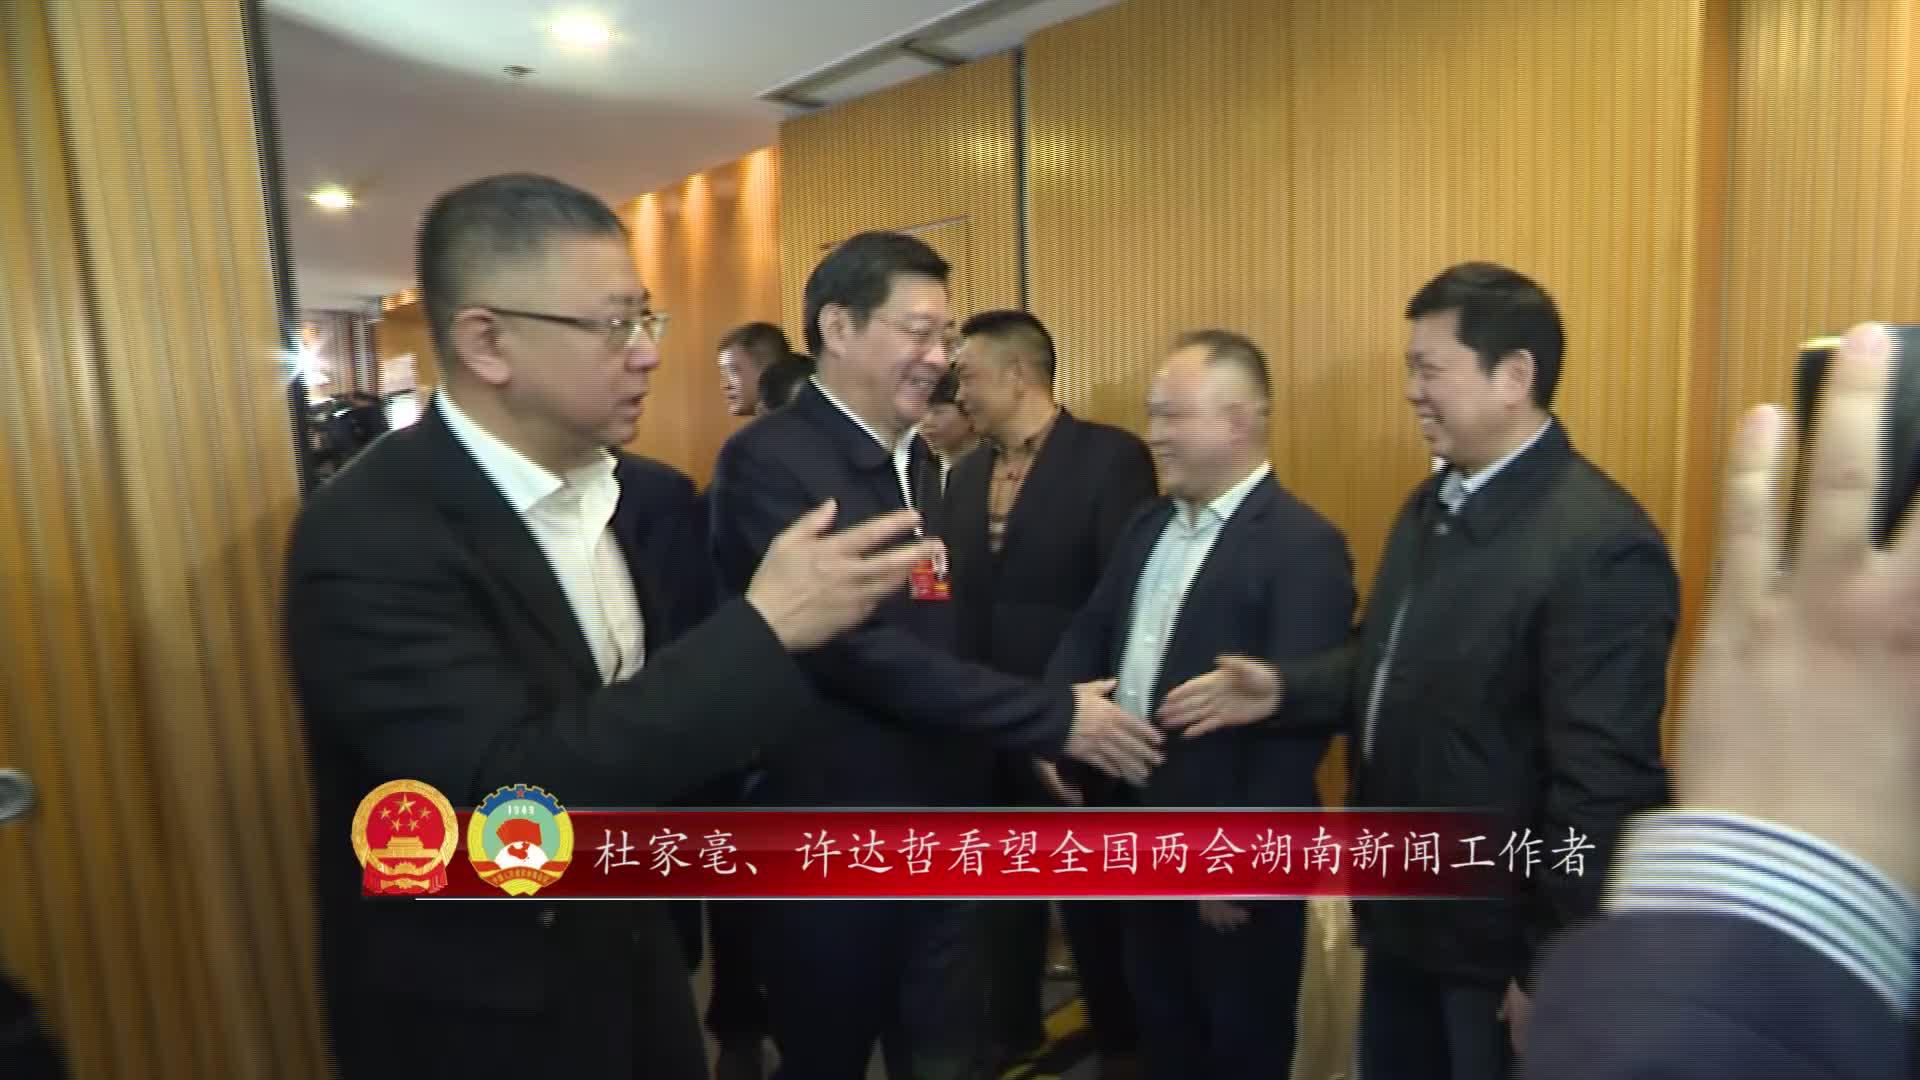 杜家毫、许达哲看望全国两会湖南新闻工作者